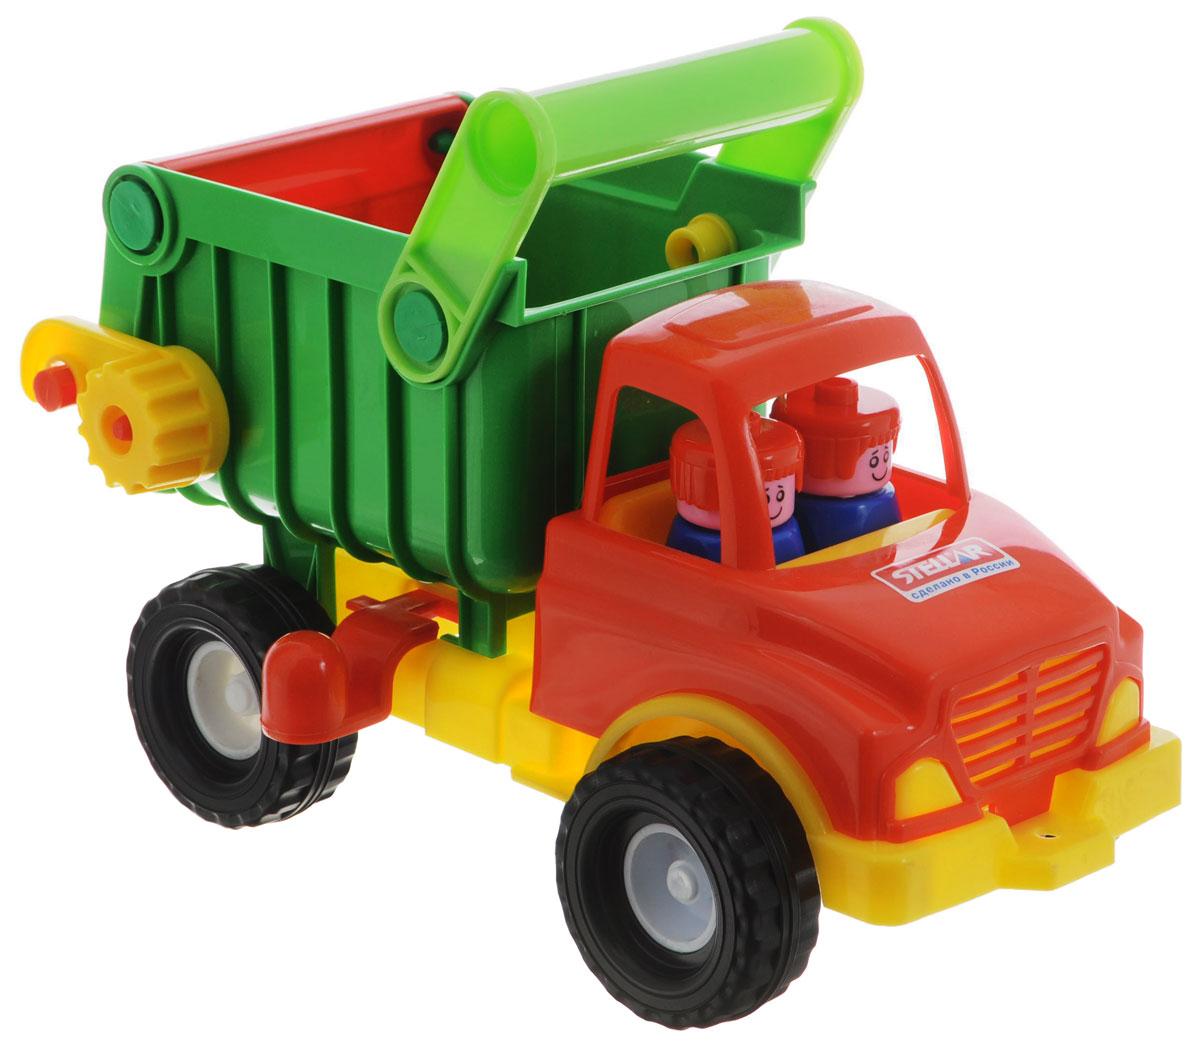 Stellar Грузовик цвет красный зеленый01401Грузовик-самосвал Stellar отлично подойдет ребенку для различных игр. Вместительный кузов машины поднимается и опускается, задняя стенка кузова открывается. В кабине без стекол находятся две фигурки. Большие ребристые колеса обеспечивают машине устойчивость и хорошую проходимость. А еще машину можно возить за веревочку - для этого предусмотрено отверстие на бампере грузовика. Грузовик выполнен из прочного пластика, который позволяет выдерживать большие нагрузки. Ваш юный строитель сможет прекрасно провести время дома или на улице, подвозя к месту игрушечной стройки необходимые предметы на этом красочном грузовике.